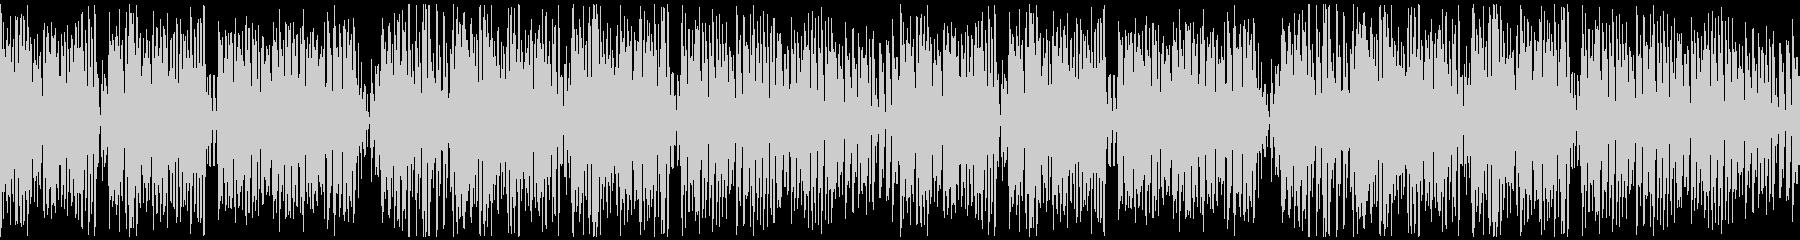 ポップでかわいい、キラキラな曲ループ仕様の未再生の波形